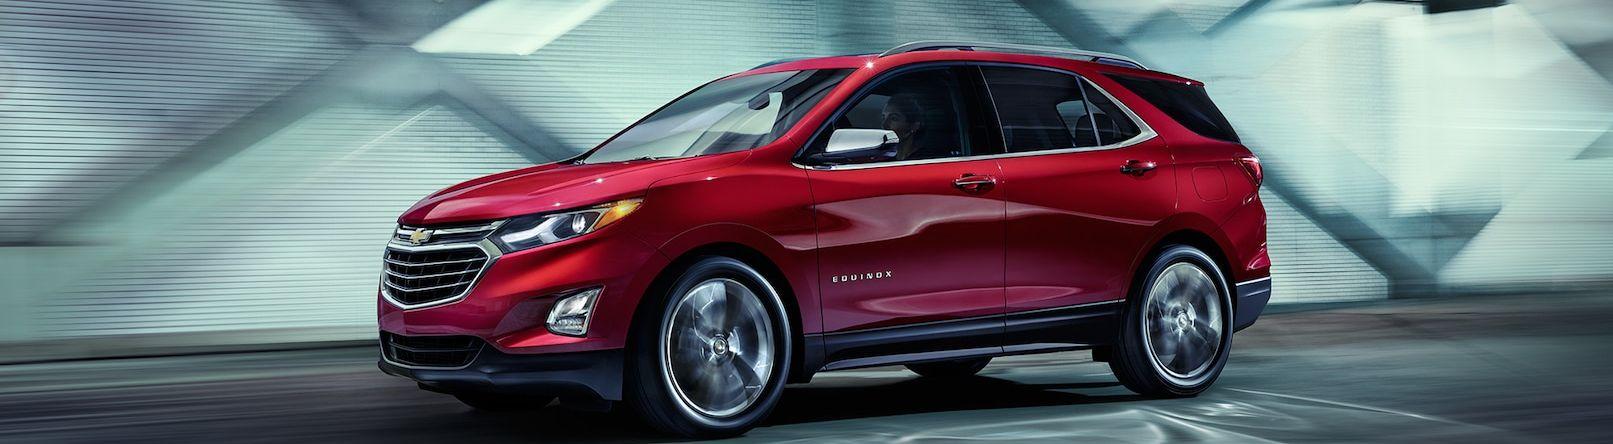 2019 Chevrolet Equinox Financing near Fort Gratiot, MI